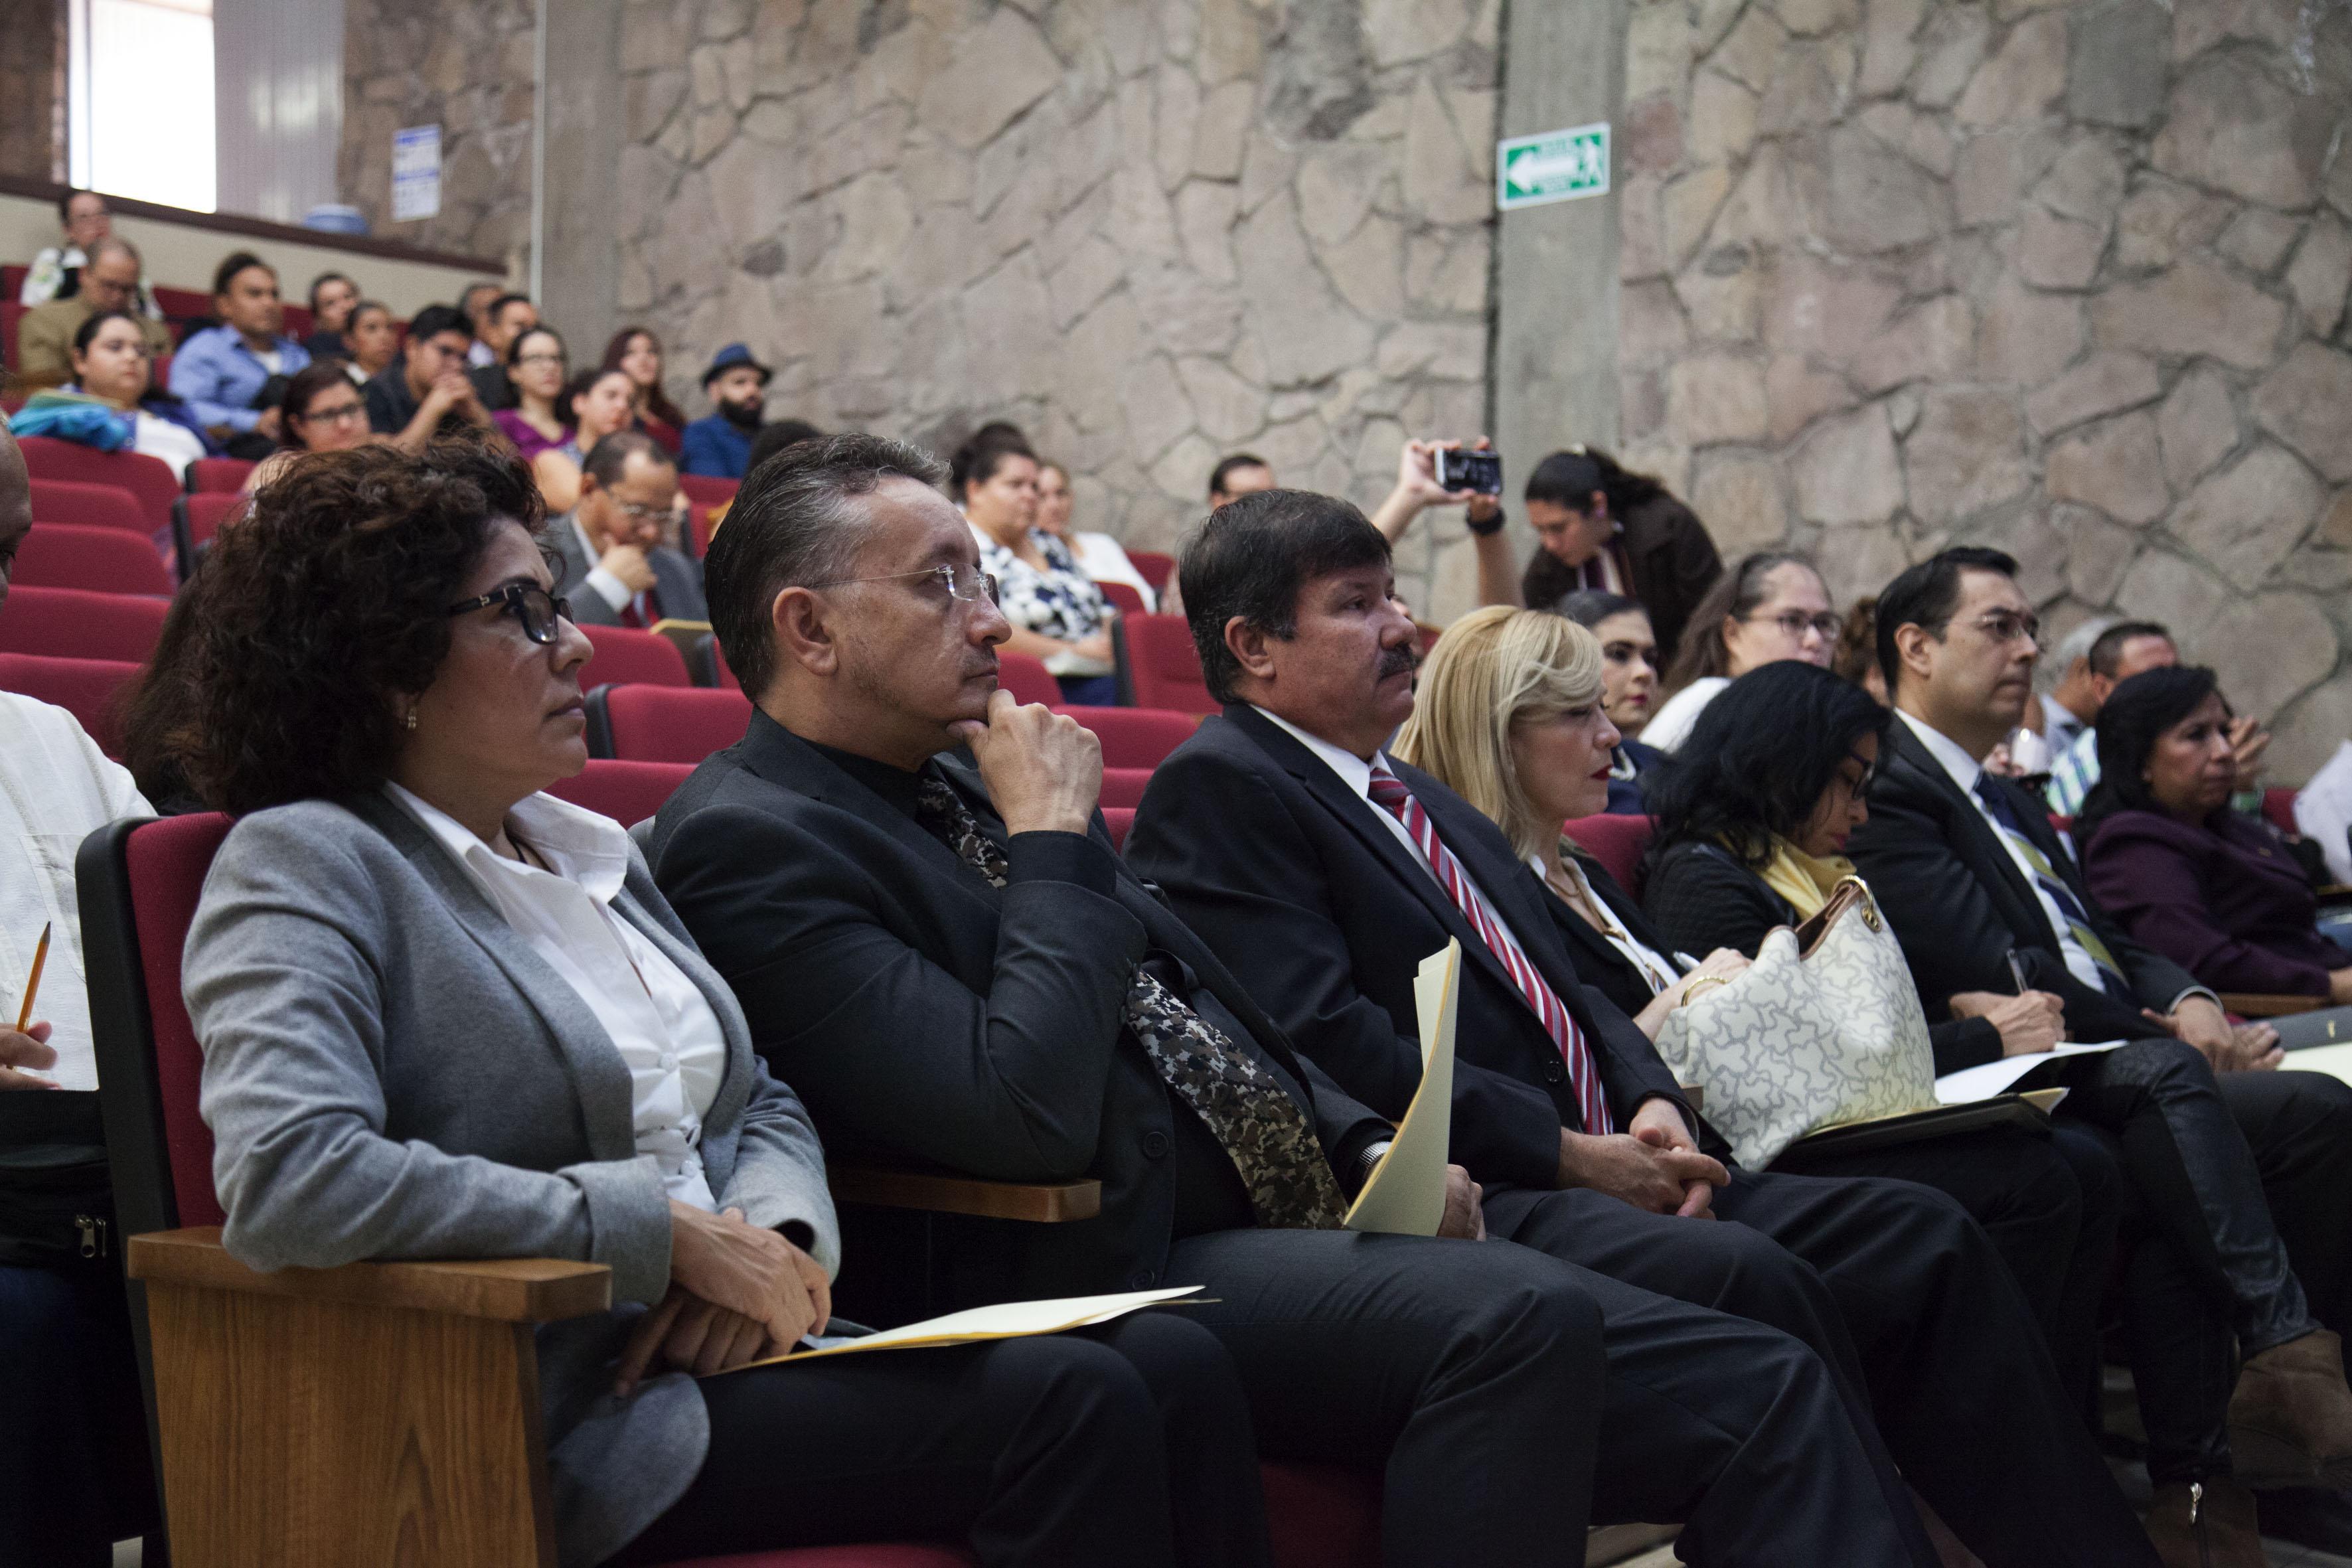 Docentes de 11 instituciones educativas incorporadas a la Universidad de Guadalajara, asistentes al taller y a la presentación de la malla curricular del Plan 25 de la carrera de Abogado.